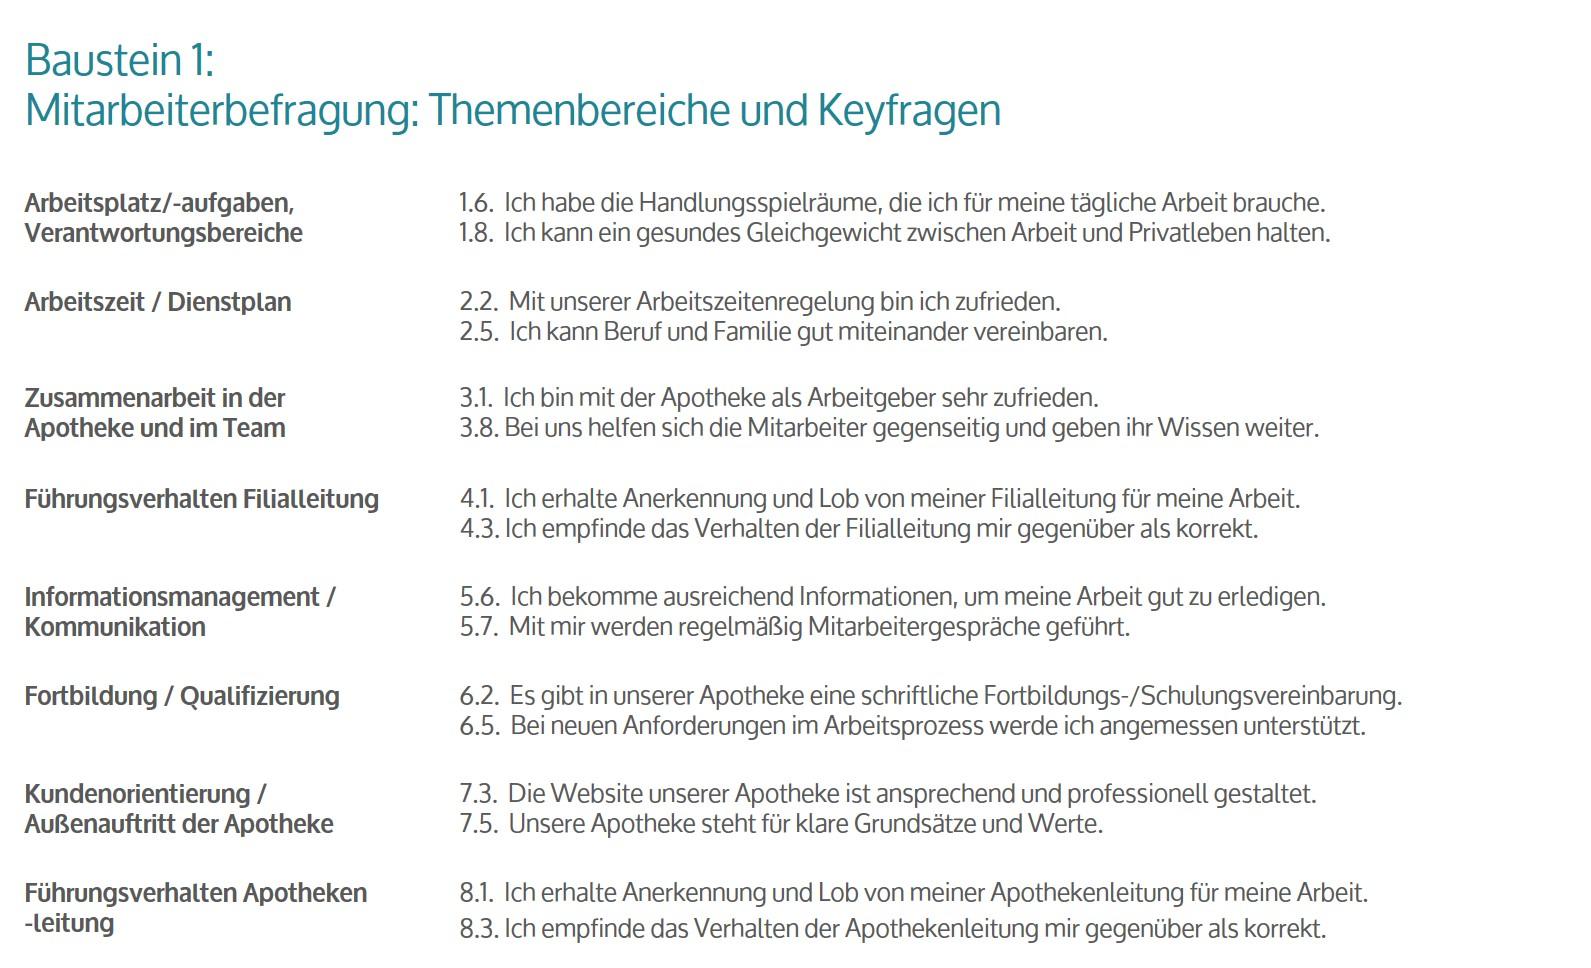 Anforderungen – QdA – Qualitätsverbund deutscher Apotheken e.V.